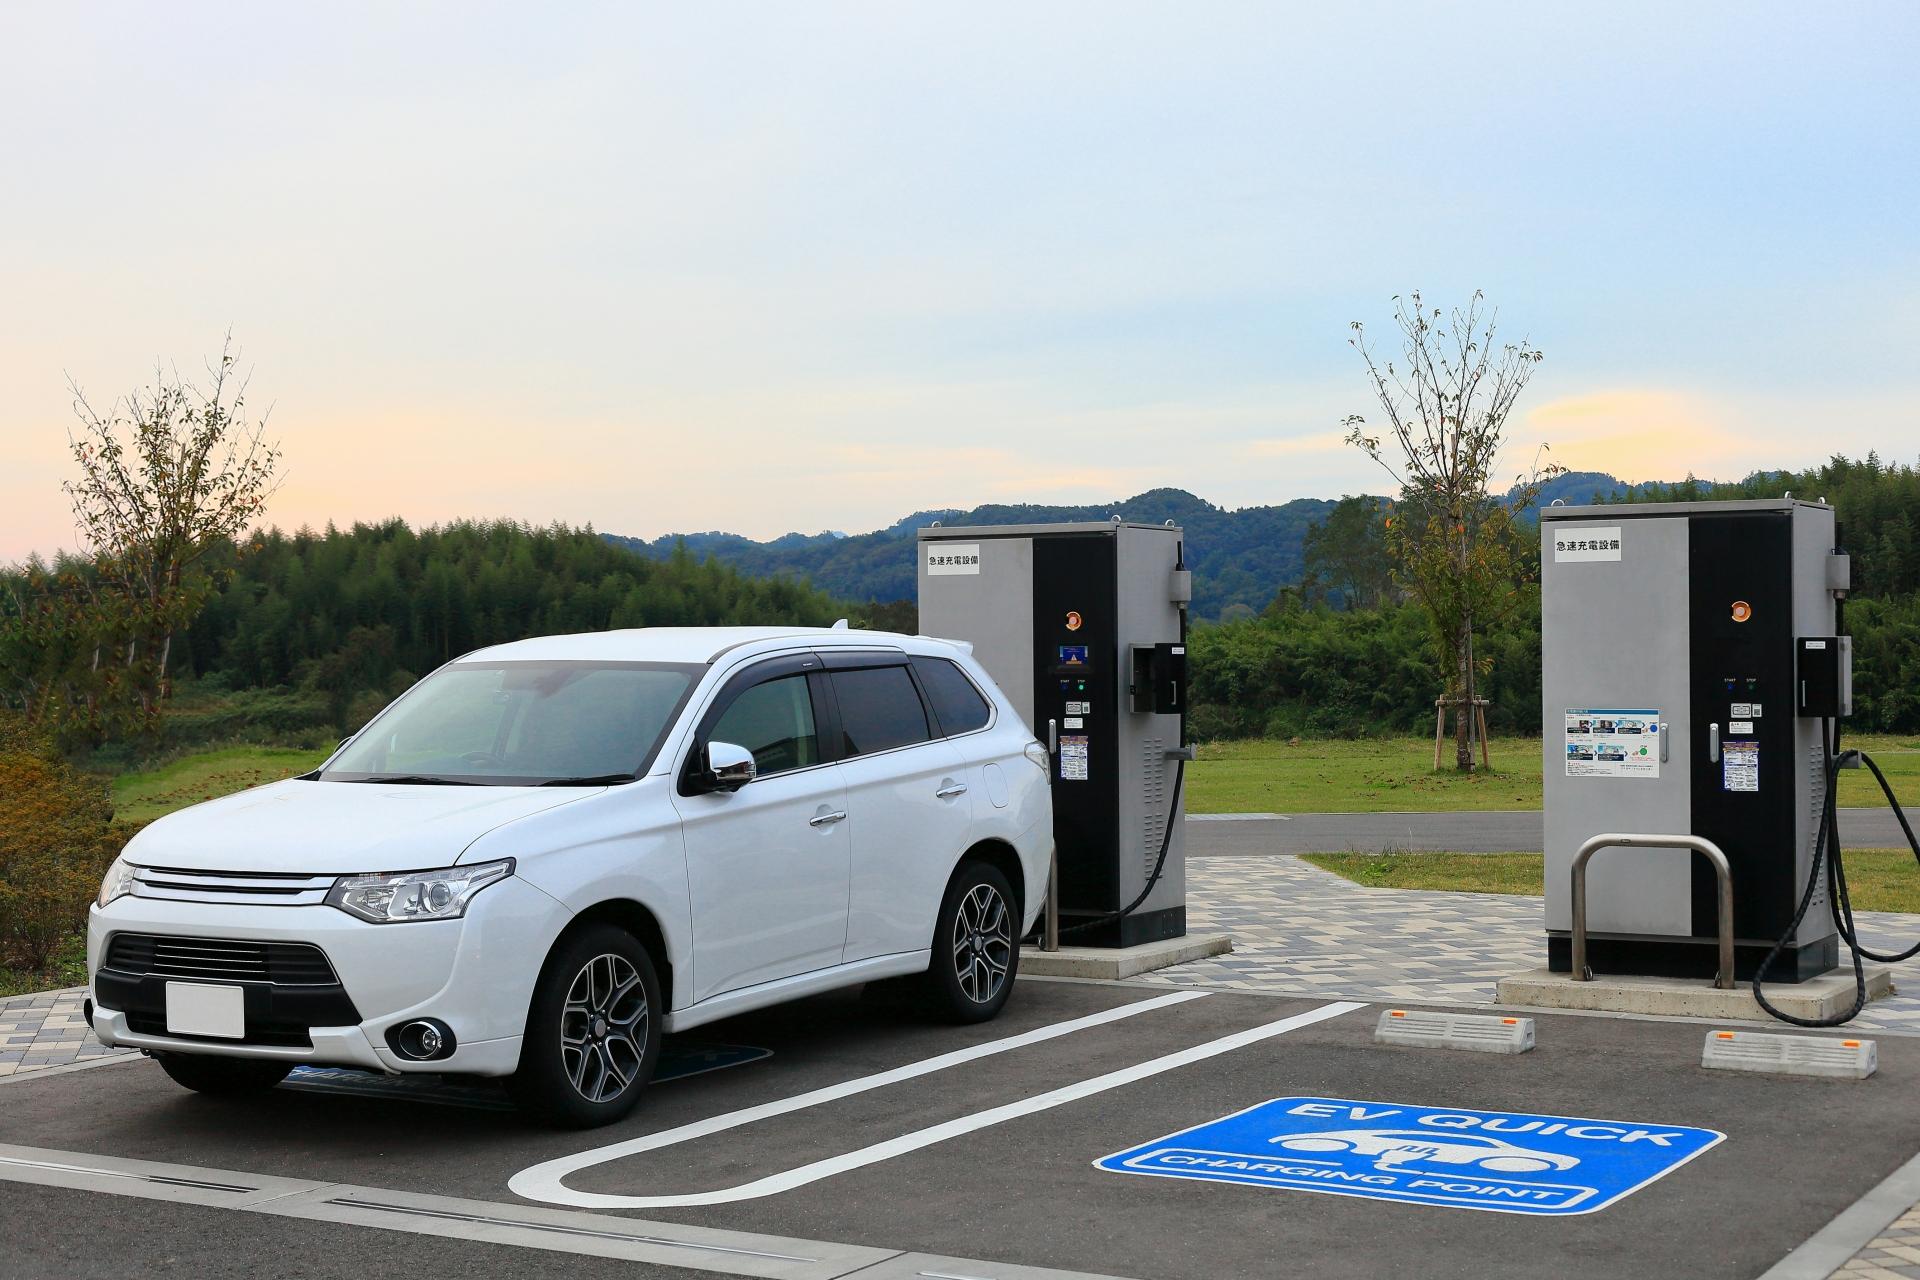 環境省補助事業「EV電気プラン」